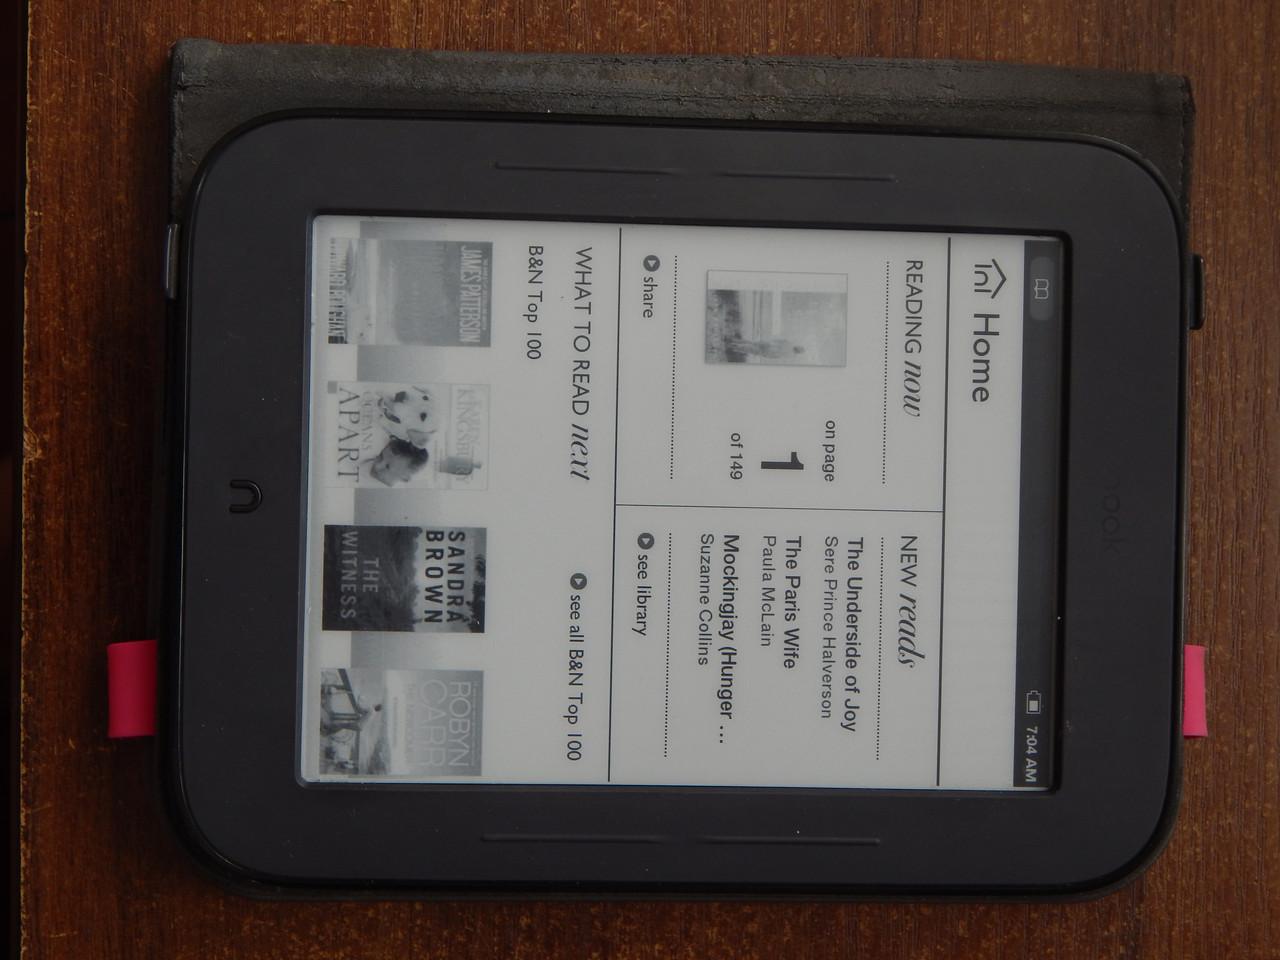 Электронная книга Barnes & Noble Nook The Simple Touch Reader BNRV300